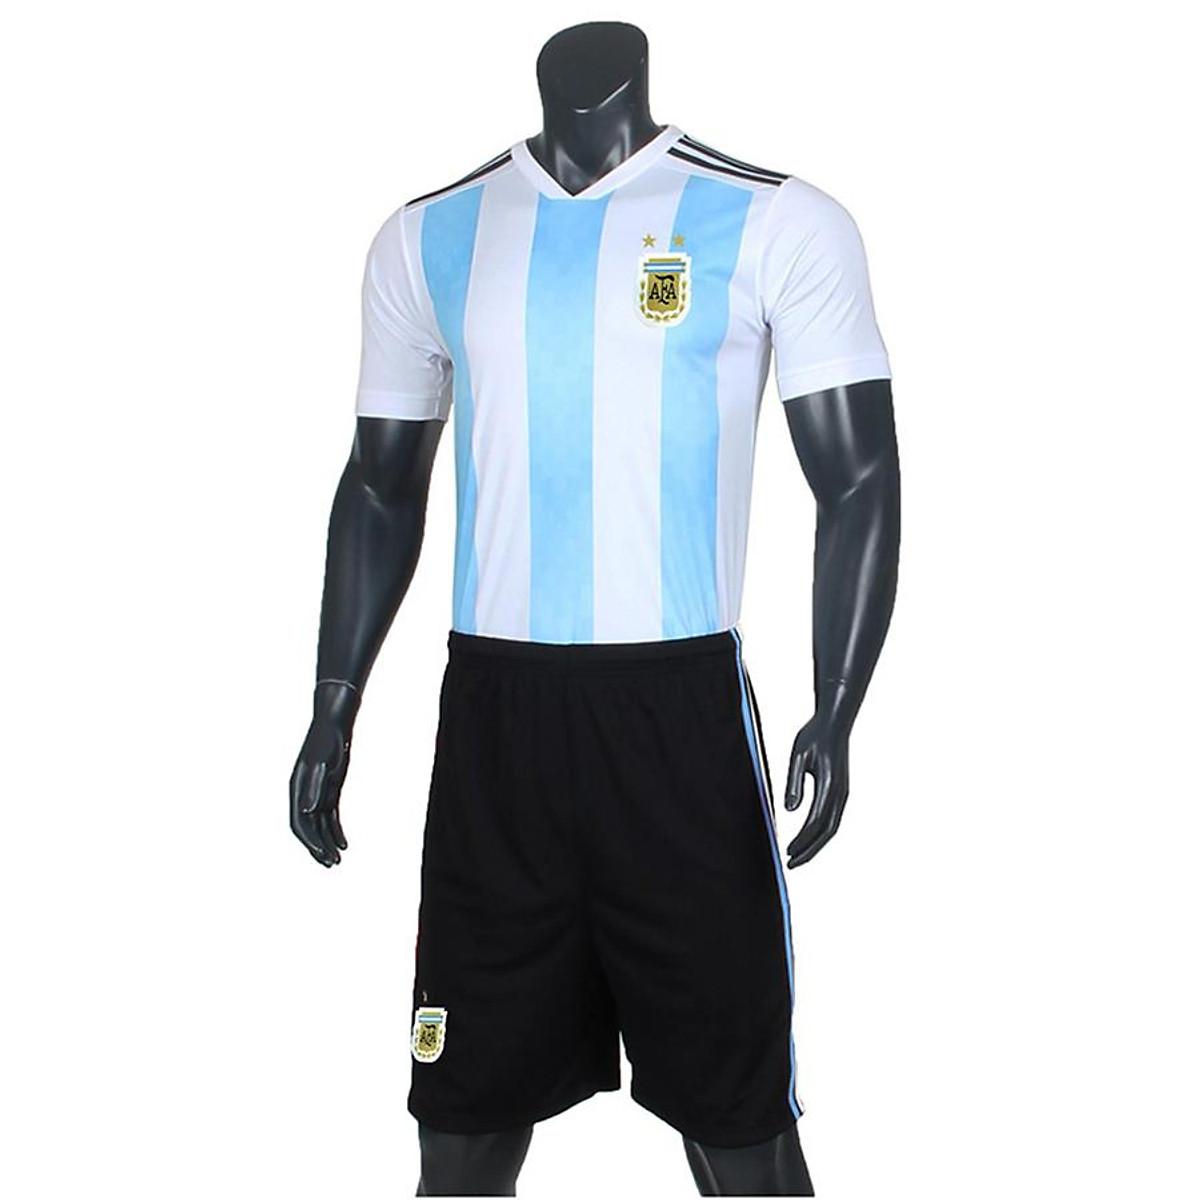 Bộ Quần Áo Bóng Đá Đội tuyển Argentina sân nhà World Cup 2018 Sportslink (Sọc)